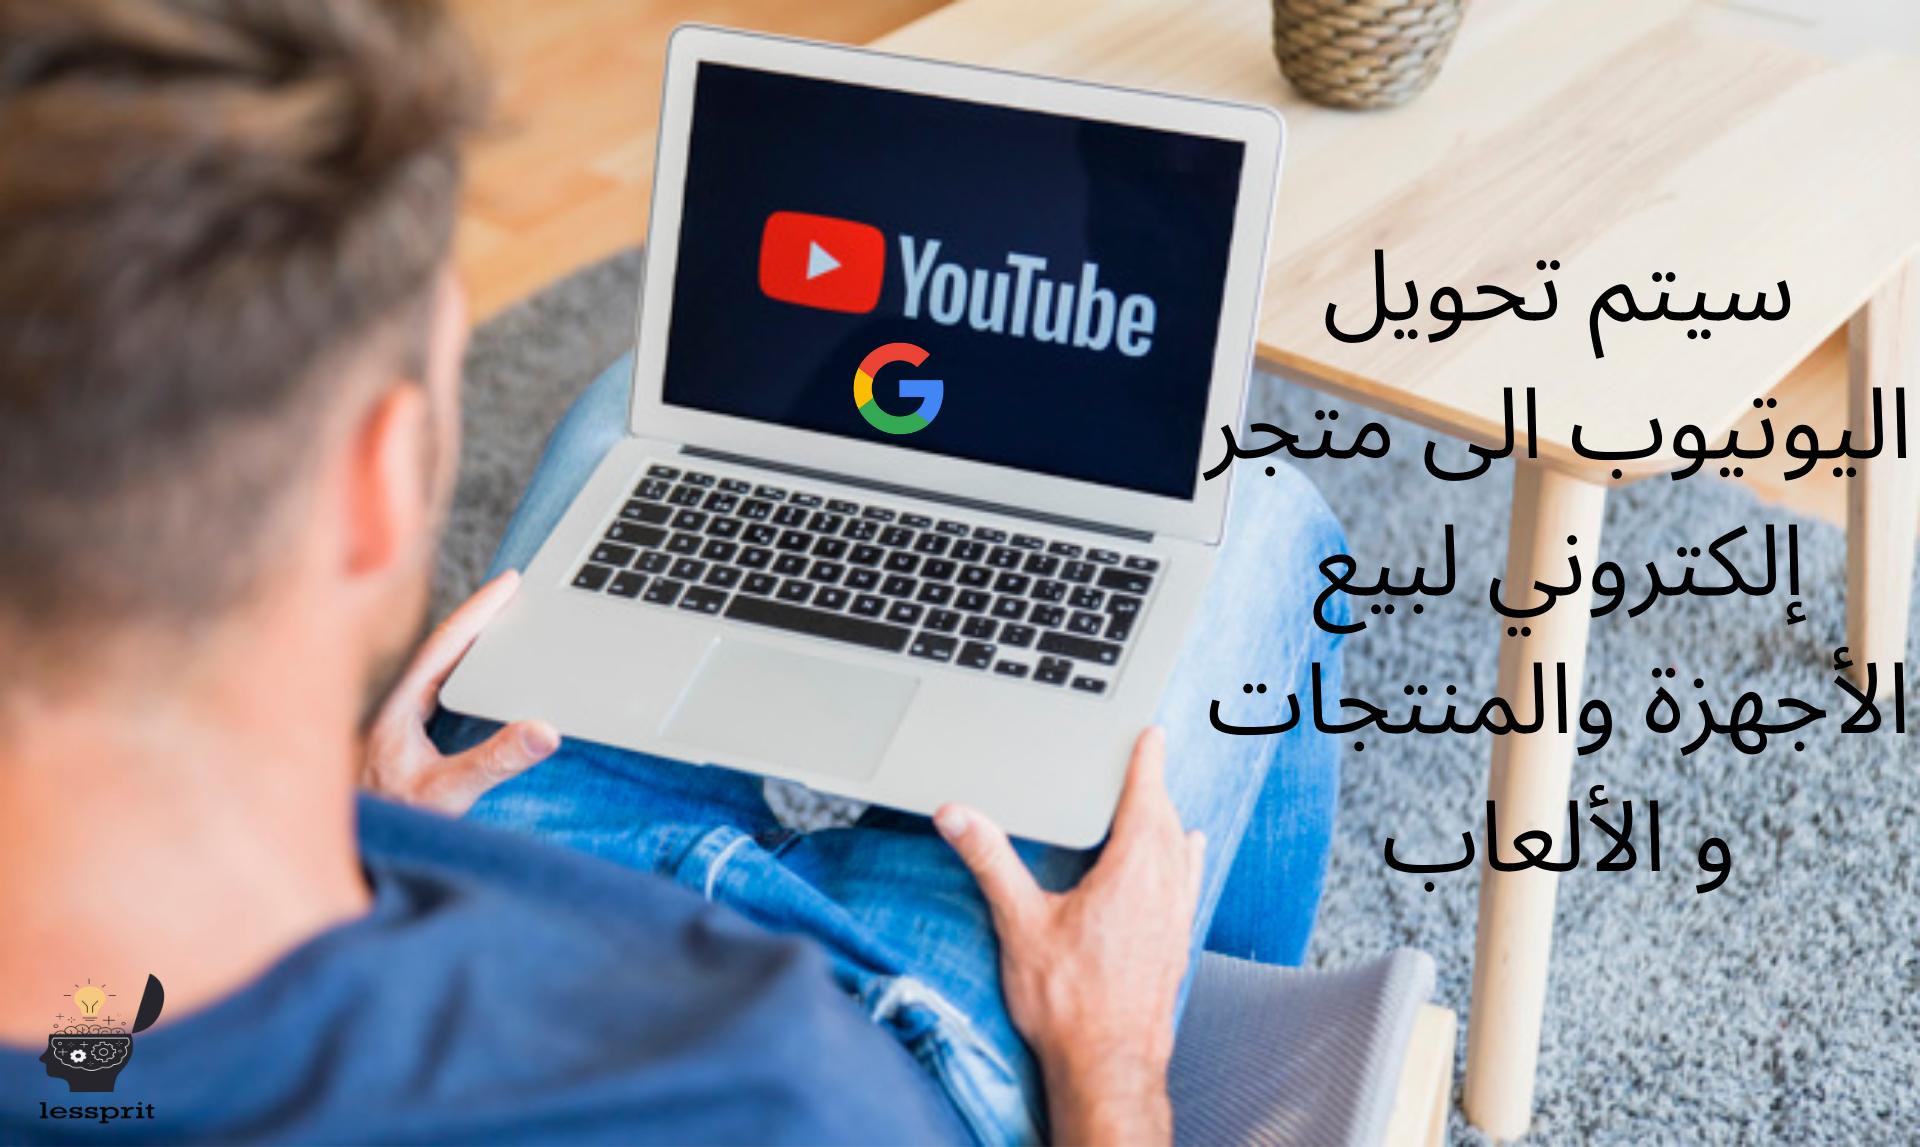 سيتم تحويل Youtube إلى متجر إلكتروني لبيع الأجهزة والمنتجات والألعاب Electronics Electronic Products Youtube